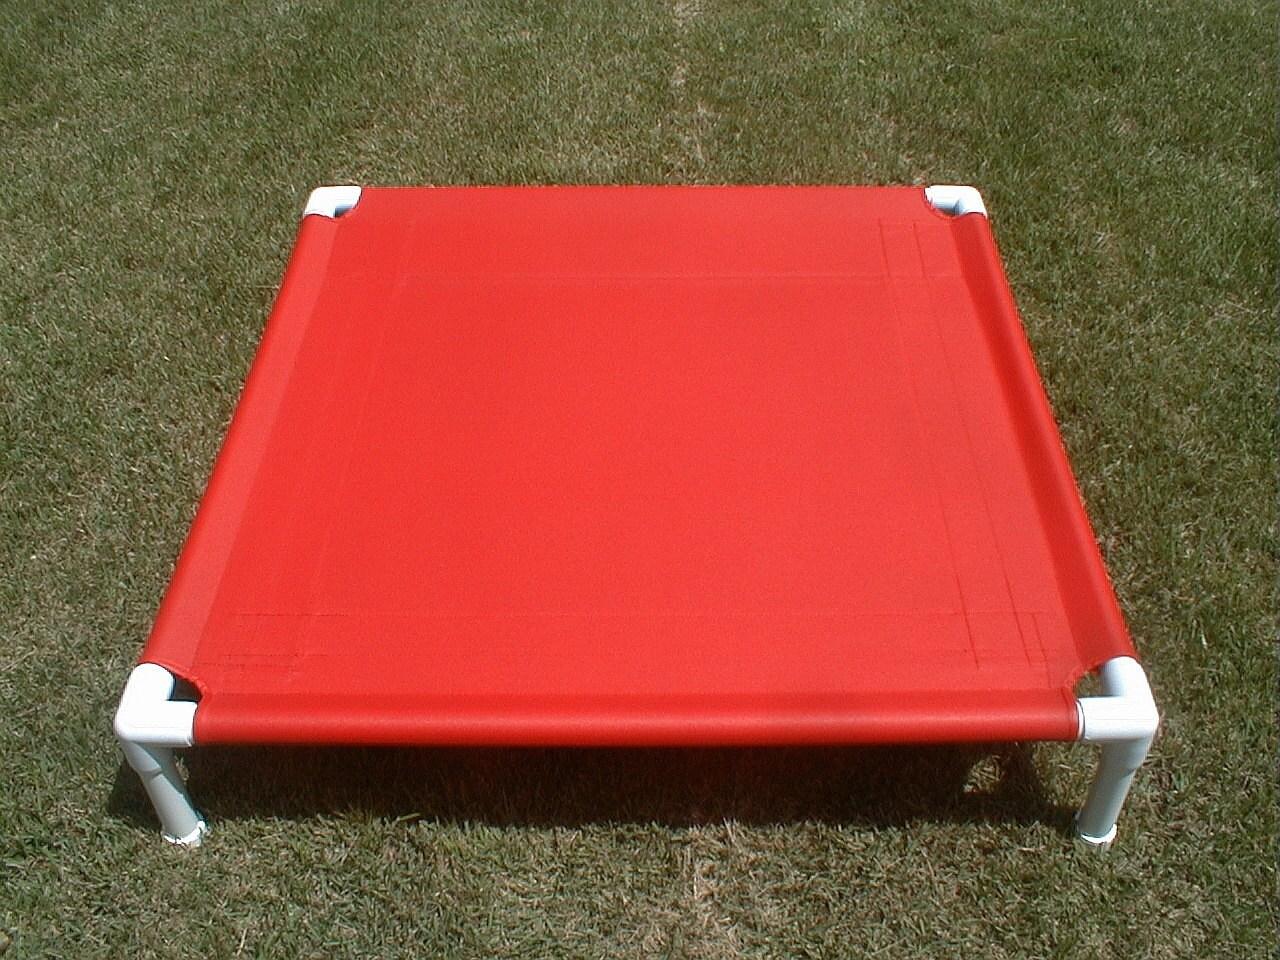 waterproof dog bed indoor water repellant bed outdoor bed - 🔎zoom